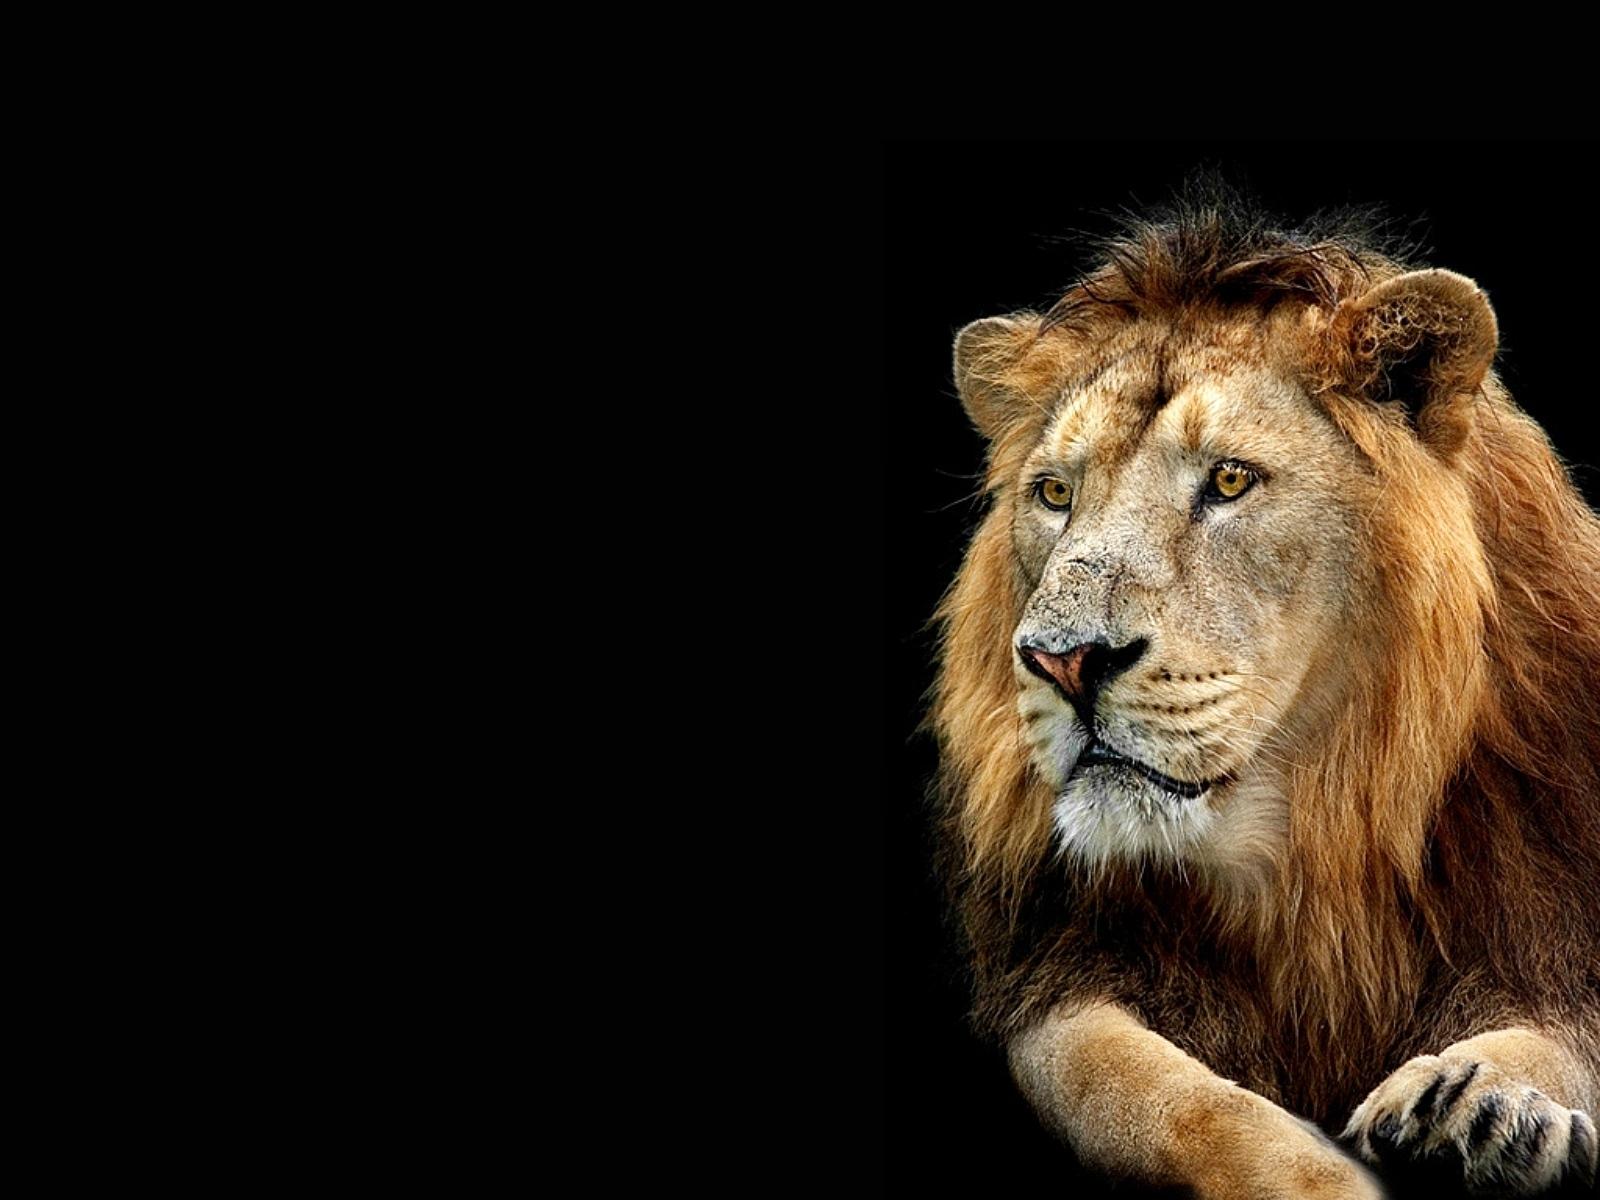 3d Lion Wallpaper - Full Hd Lion 3d , HD Wallpaper & Backgrounds